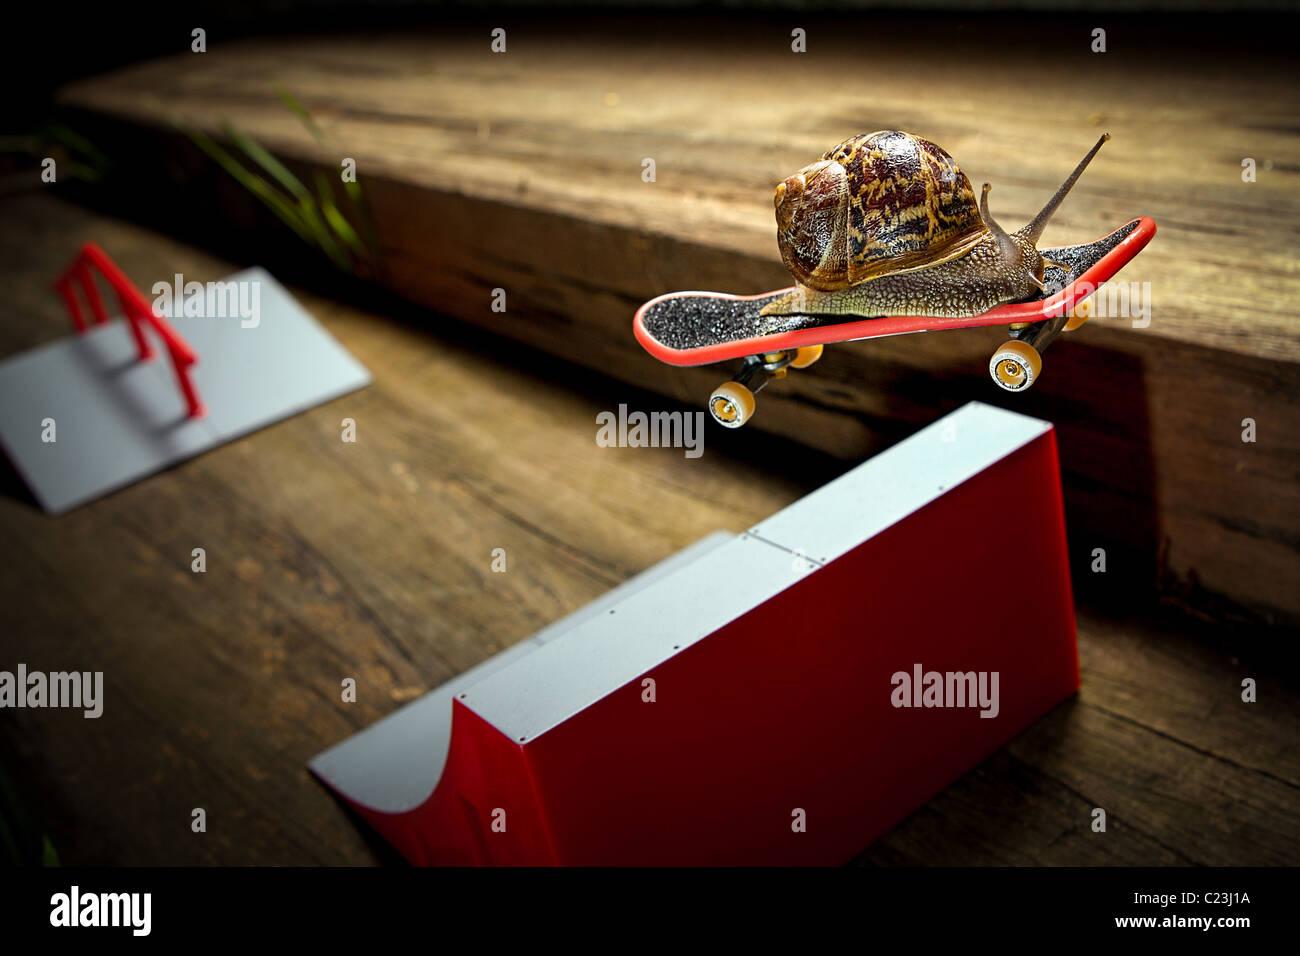 Planche à roulettes d'un escargot. Le plus rapide de sa région! Photo Stock